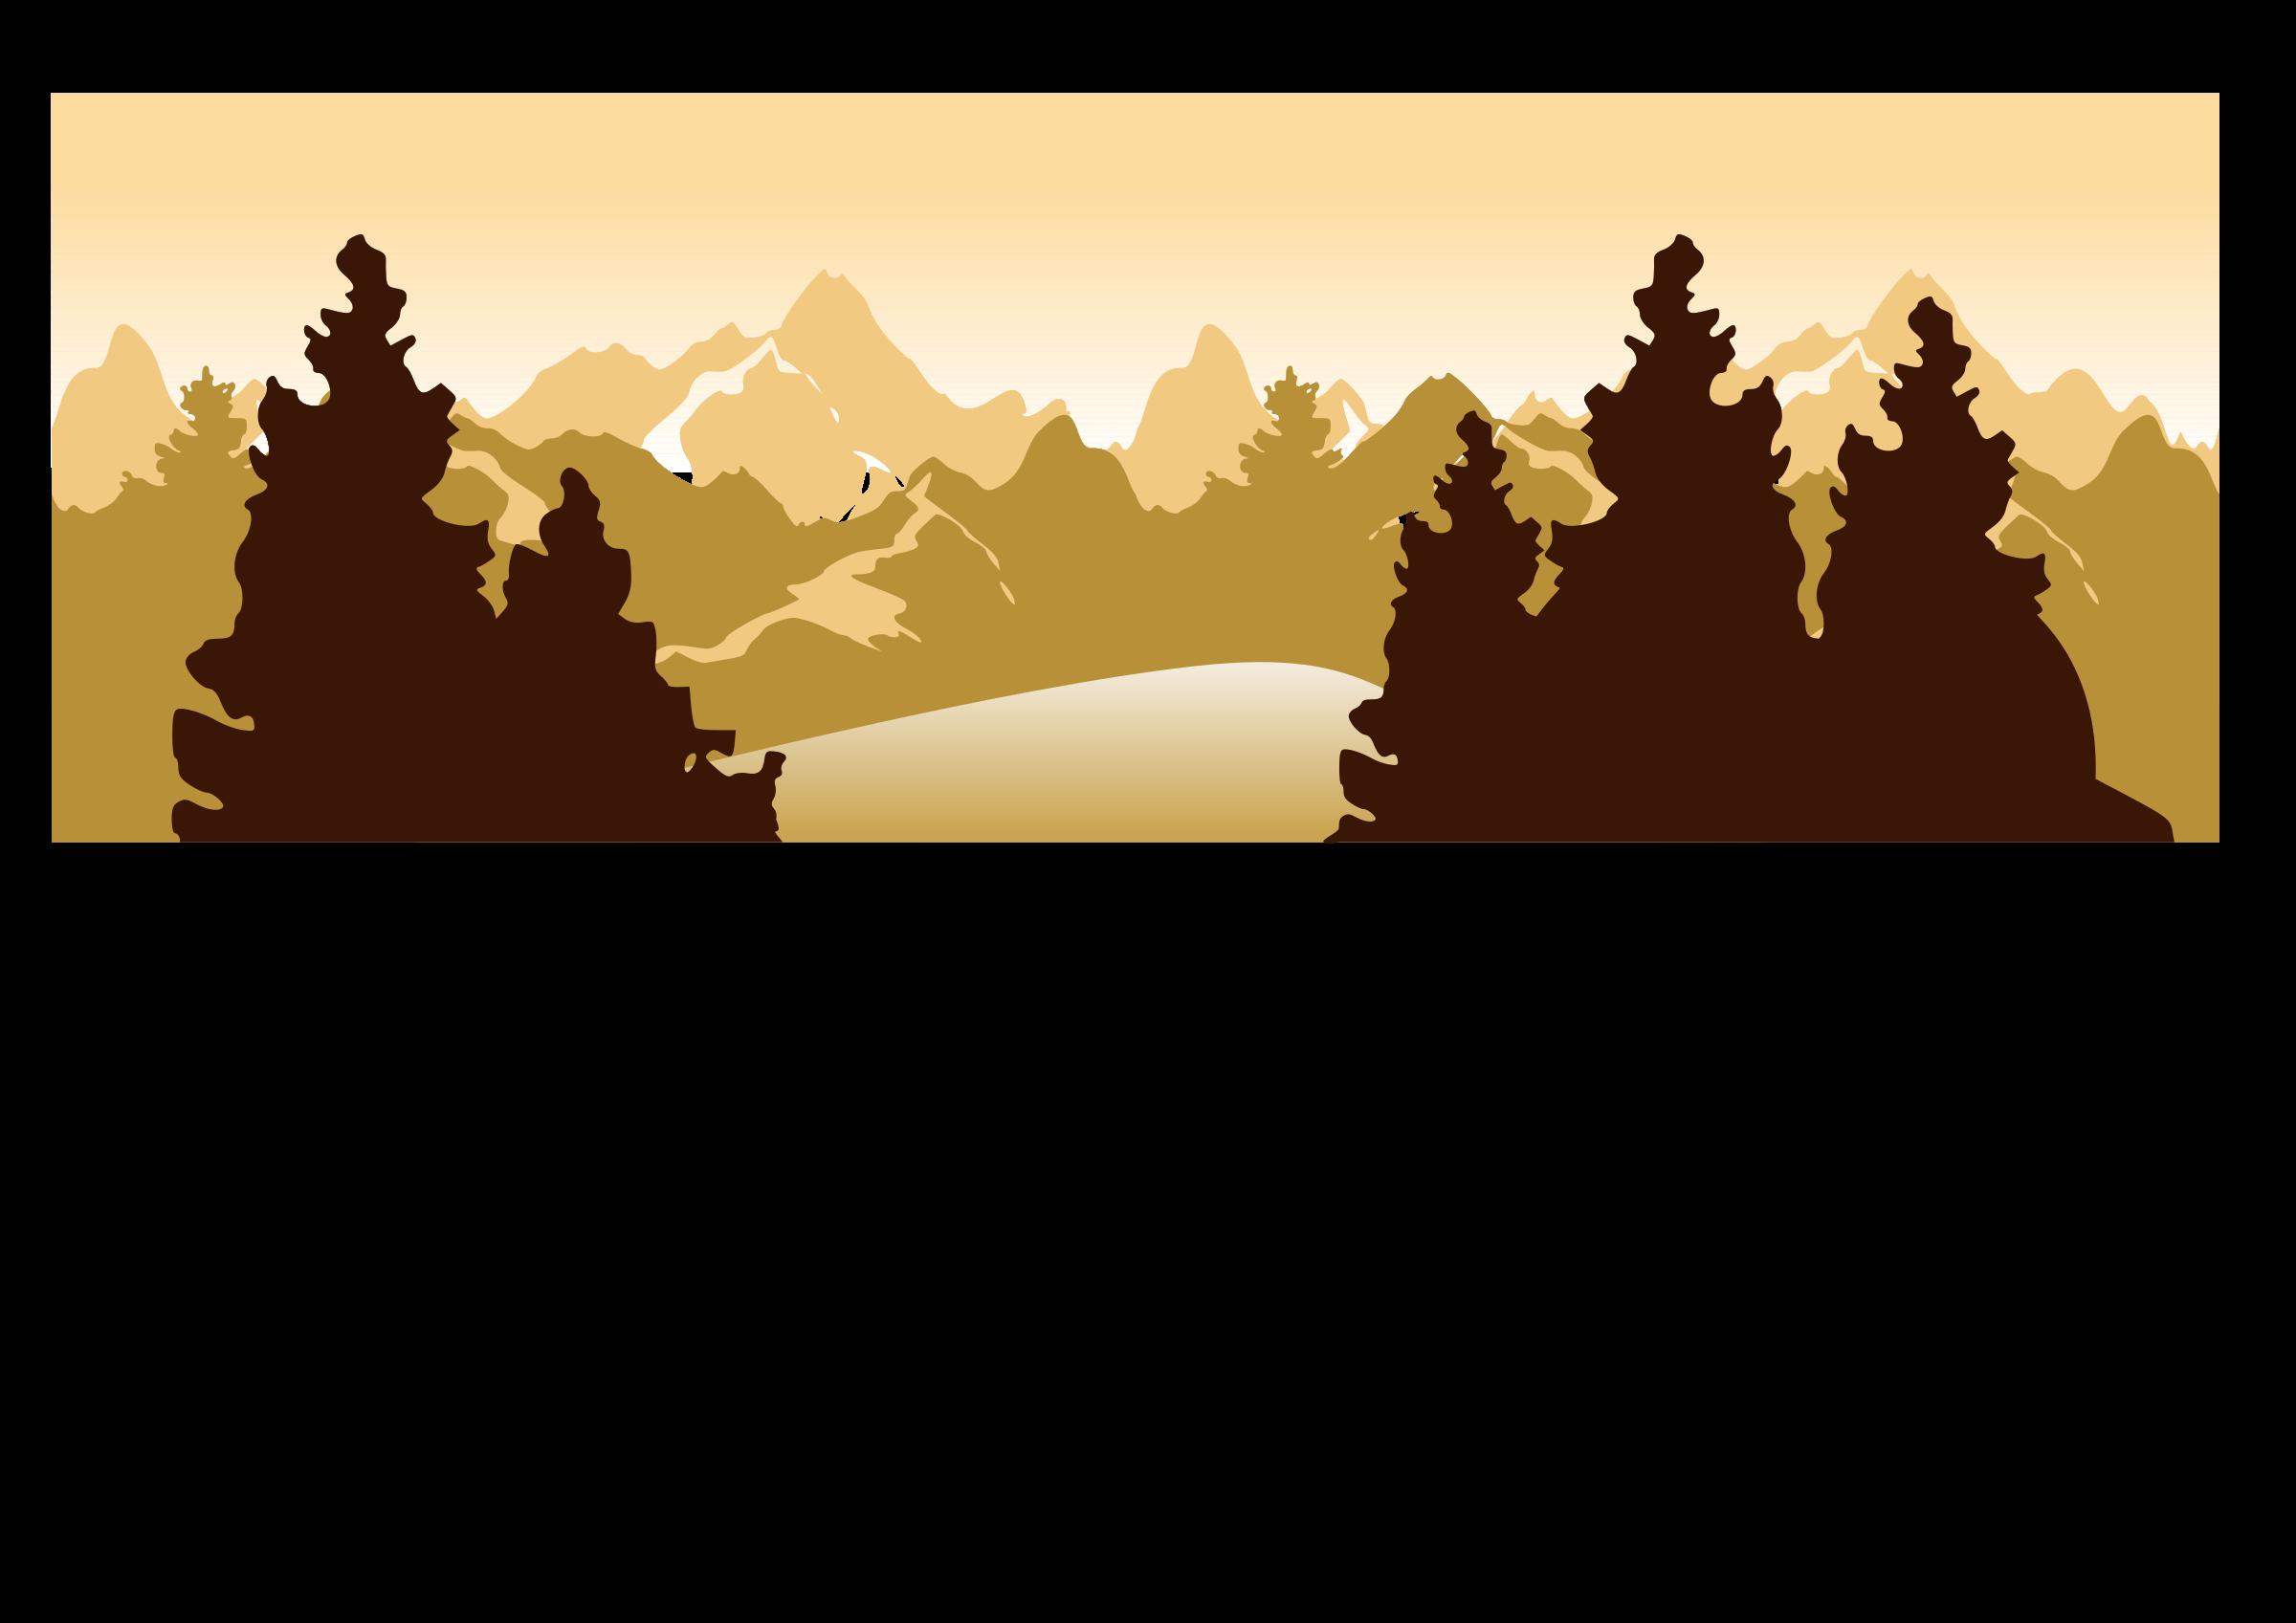 png transparent download Silhouette clip art at. Landscape clipart landscape painting.